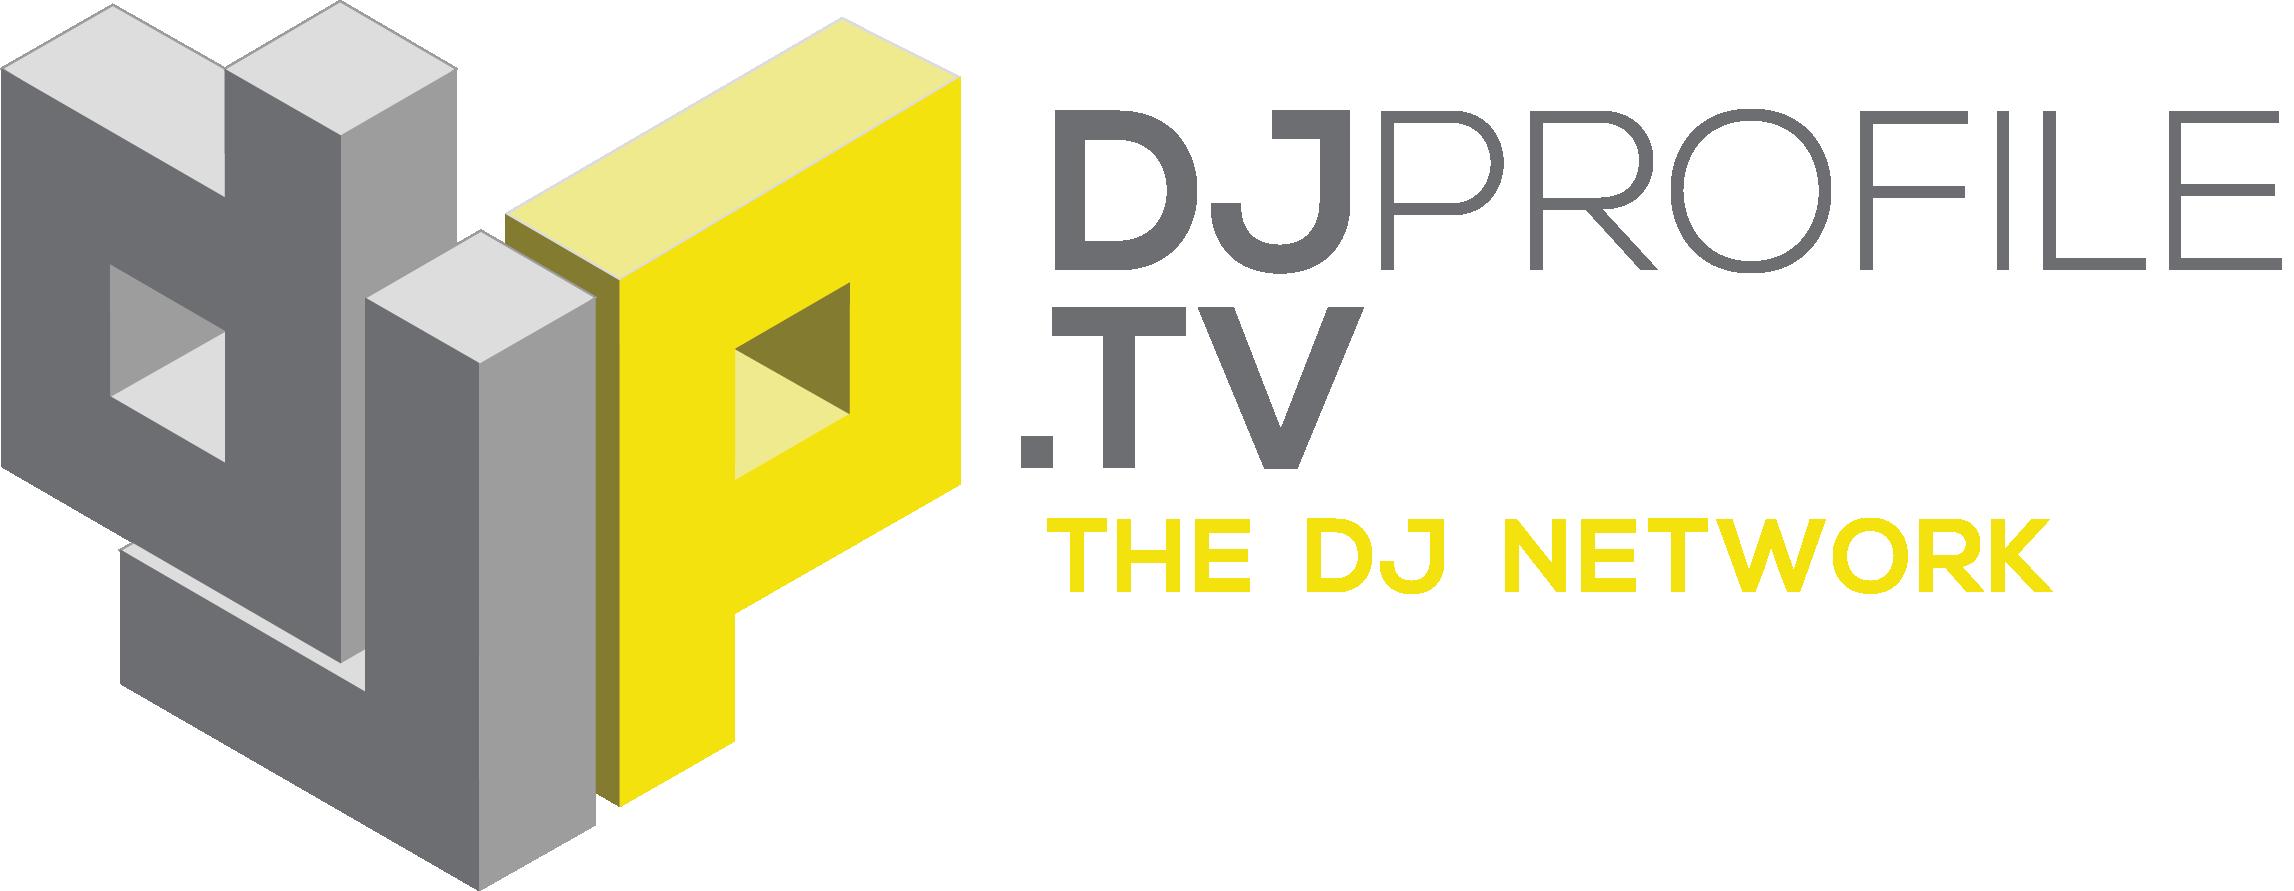 www.djprofile.tv